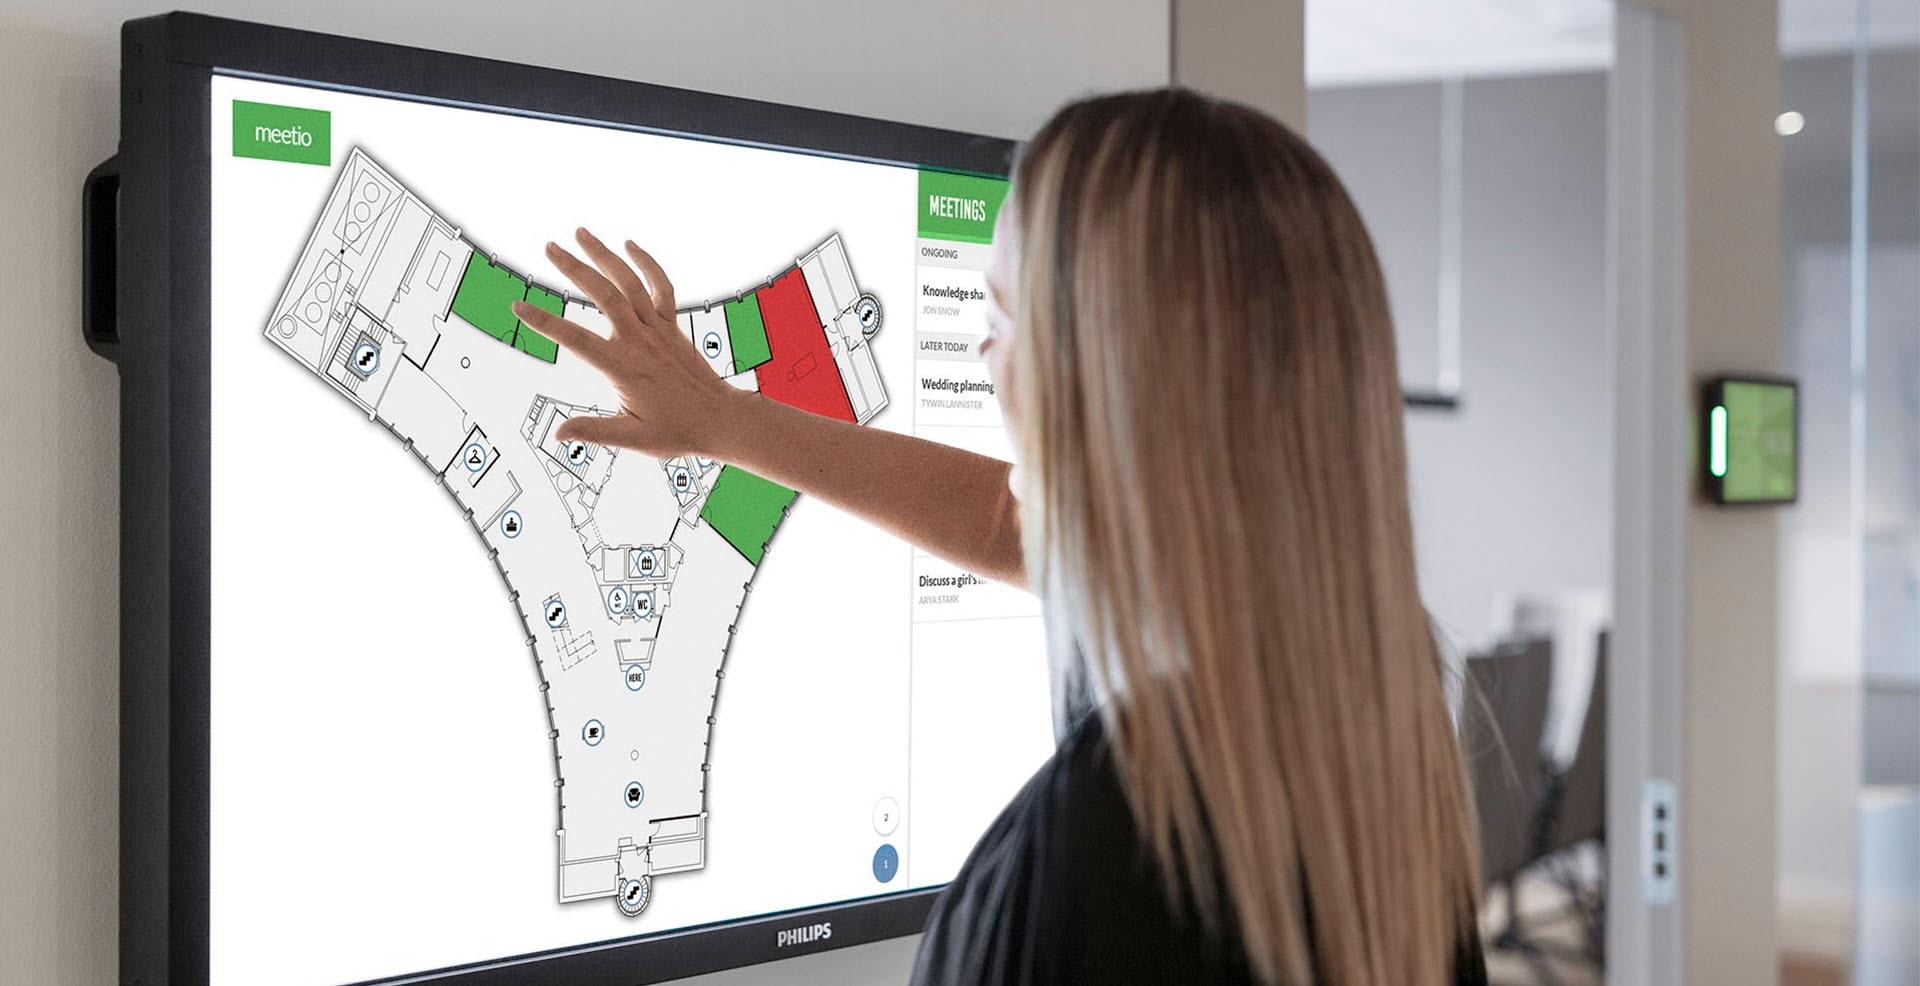 Meetio View-skärm med karta över ett kontor